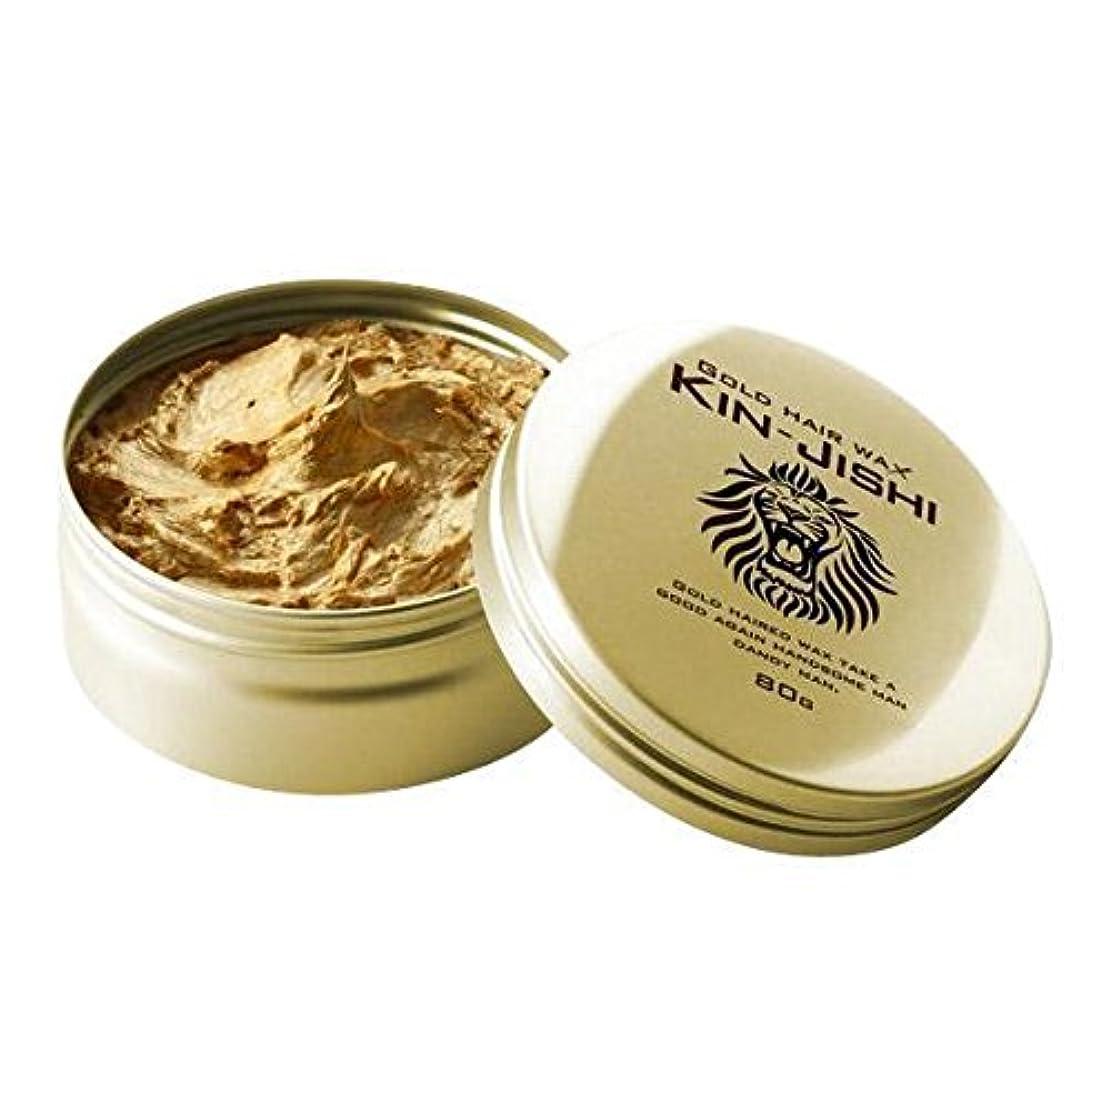 記念碑的なリスク属性ゴールドヘアワックス 金獅子